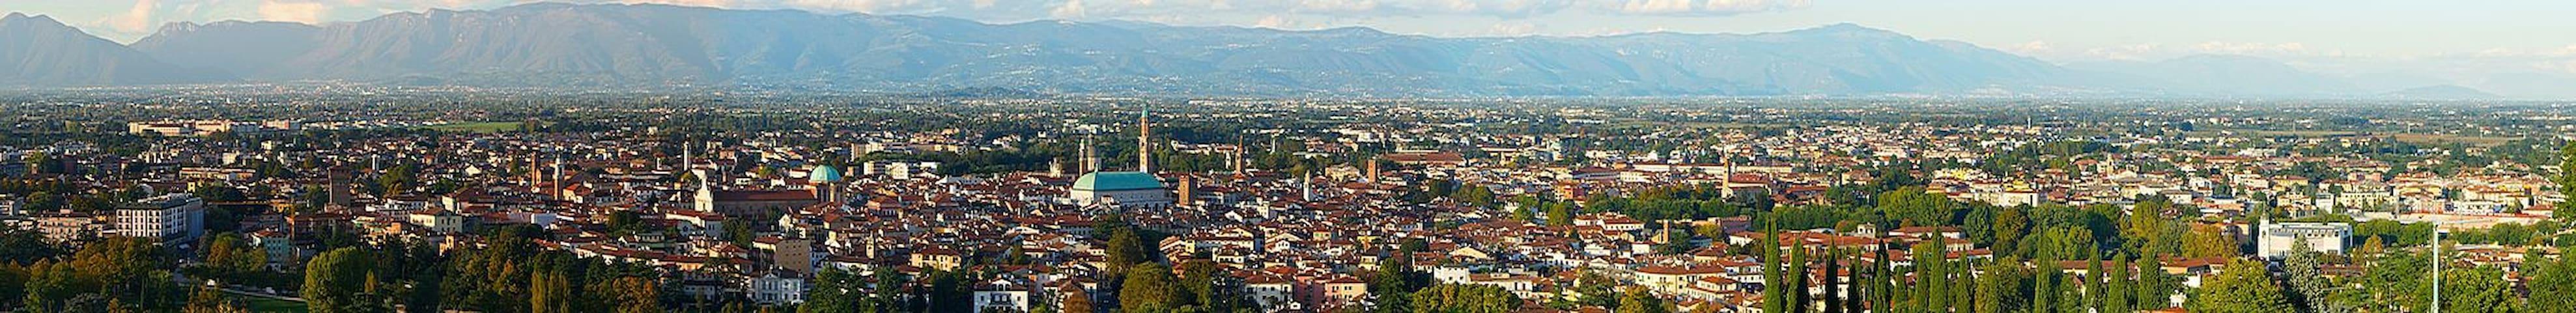 La casa tua a Vicenza - วิเซนซา